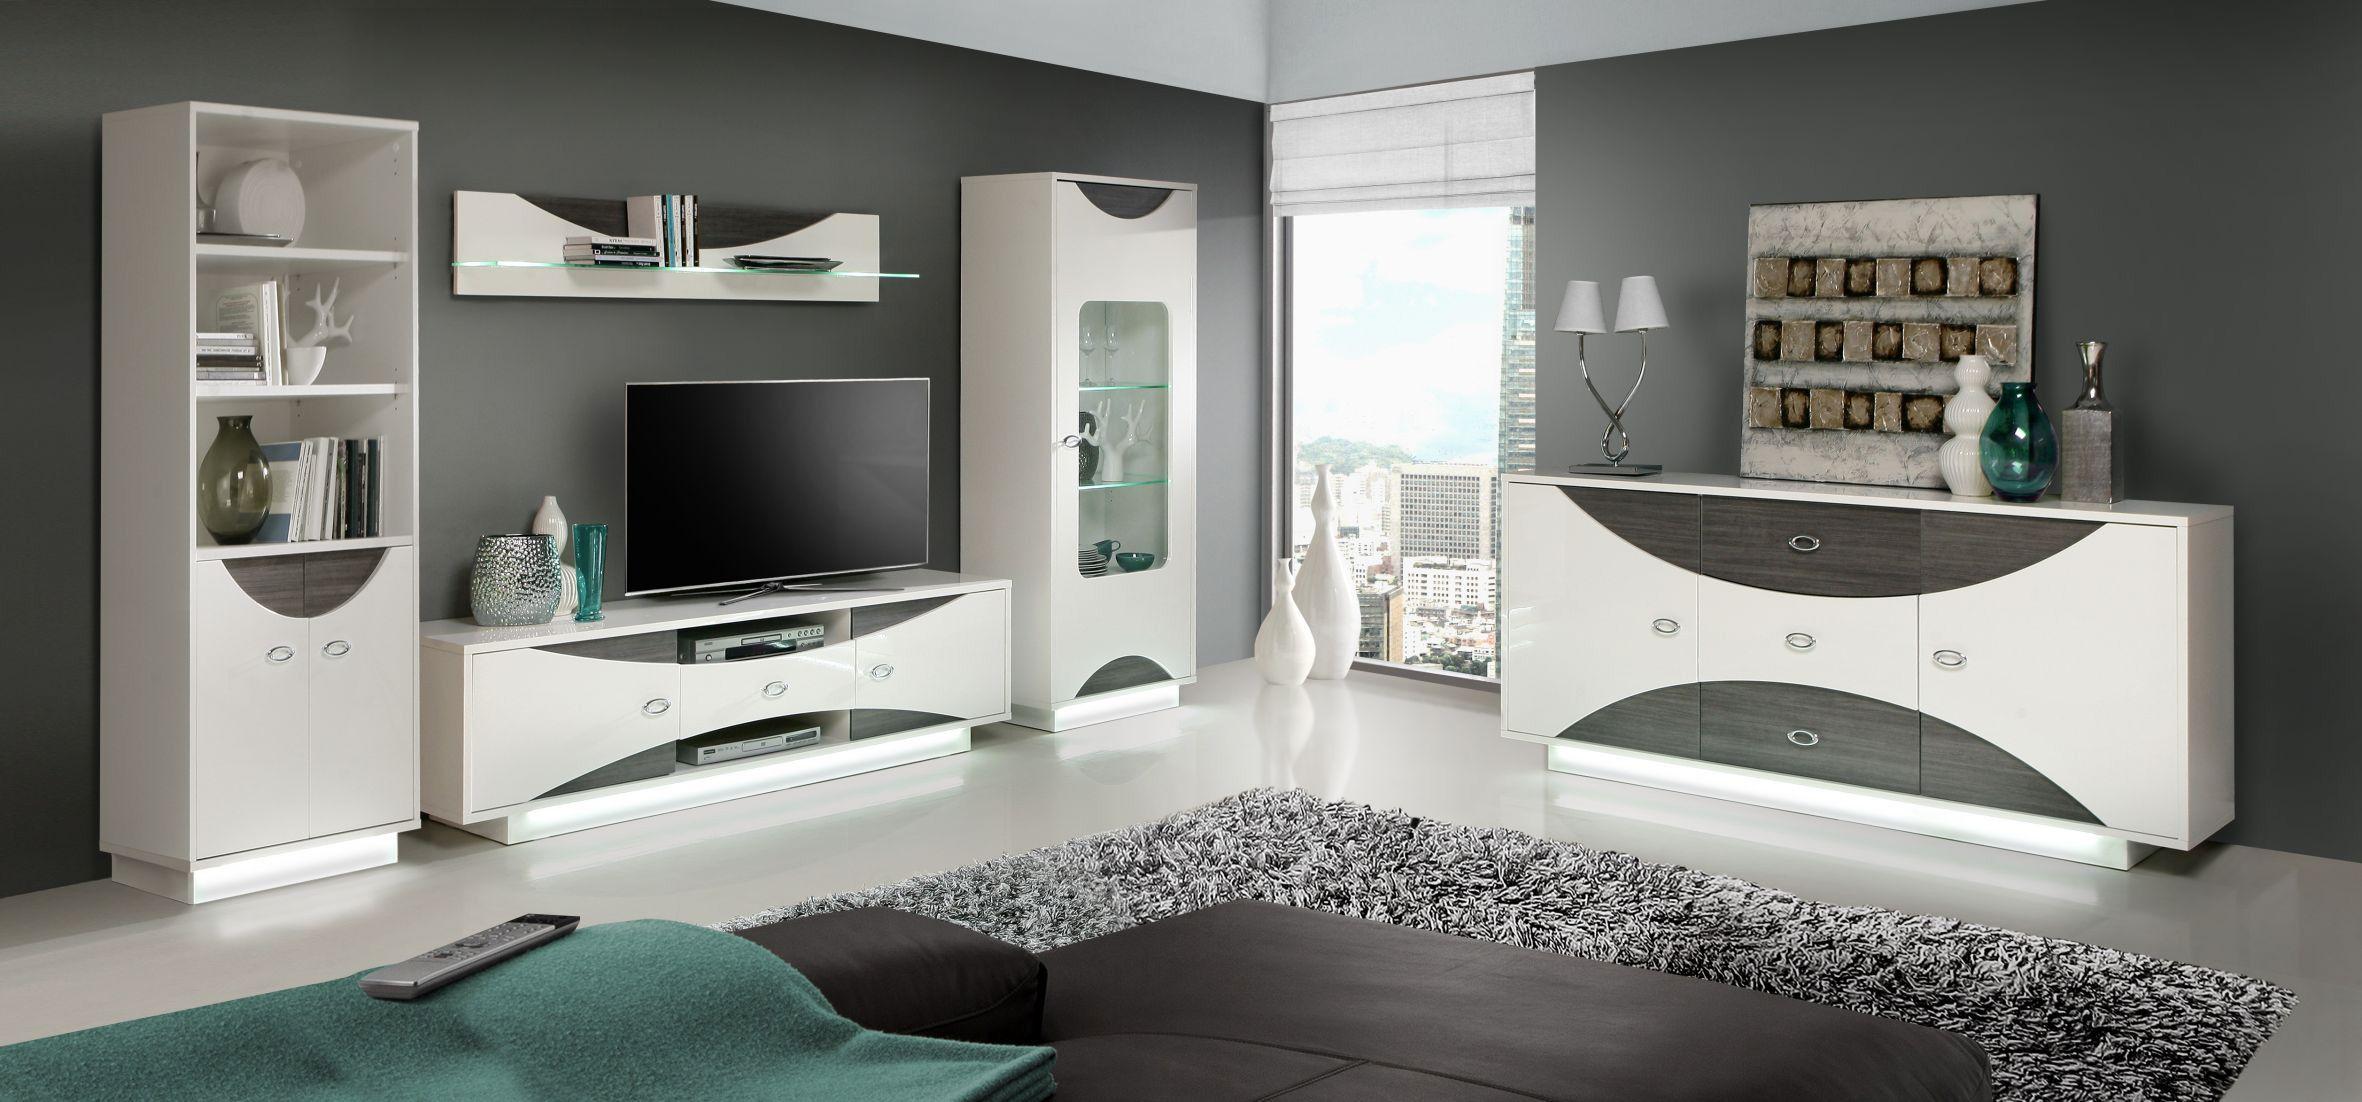 wohnwand mit sideboard weiss hochglanz eiche grau mit beleuchtung woody 77 00507 holz modern. Black Bedroom Furniture Sets. Home Design Ideas